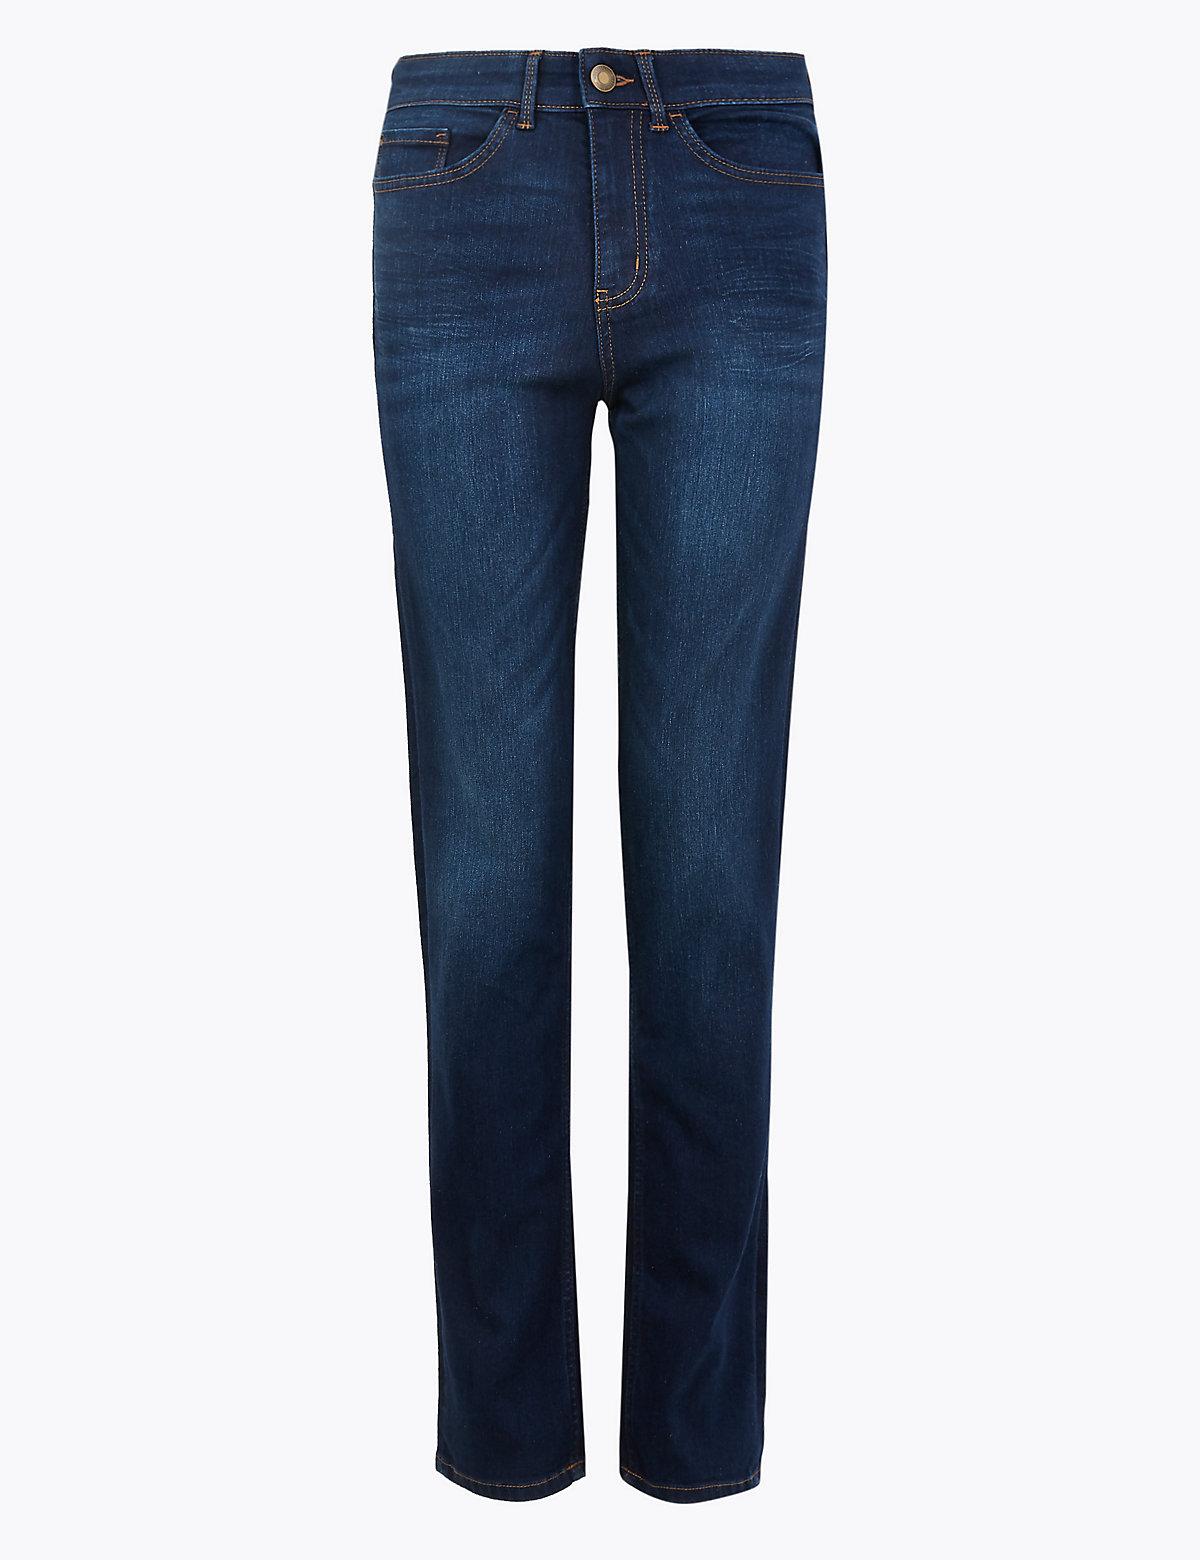 Прямые джинсы средней посадки